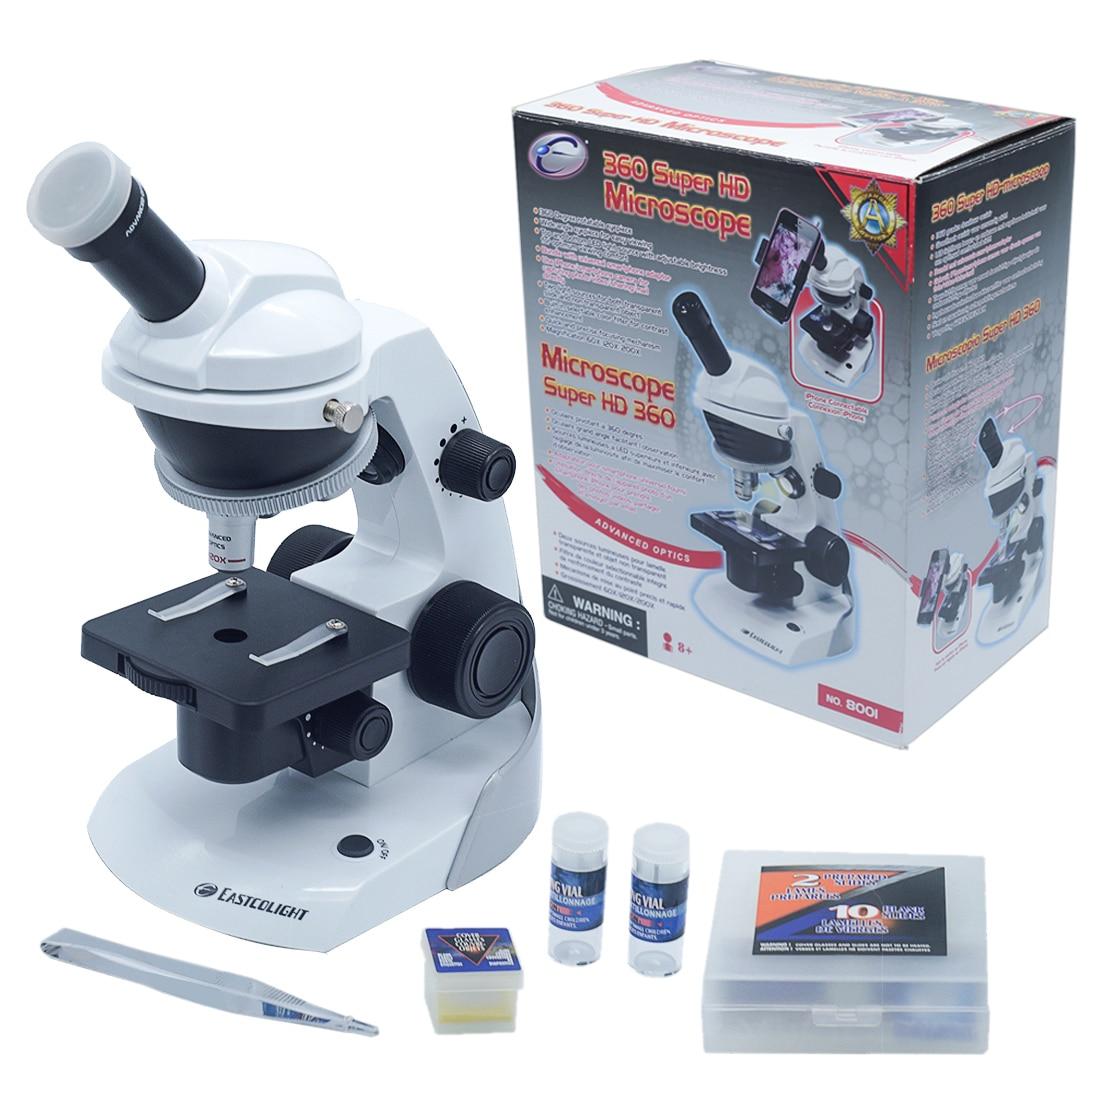 Bricolage 360 degrés Hd Microscope optique grand angle Puzzle analyze cellulaire Science équipement expérimental tige jouet ensemble pour enfants